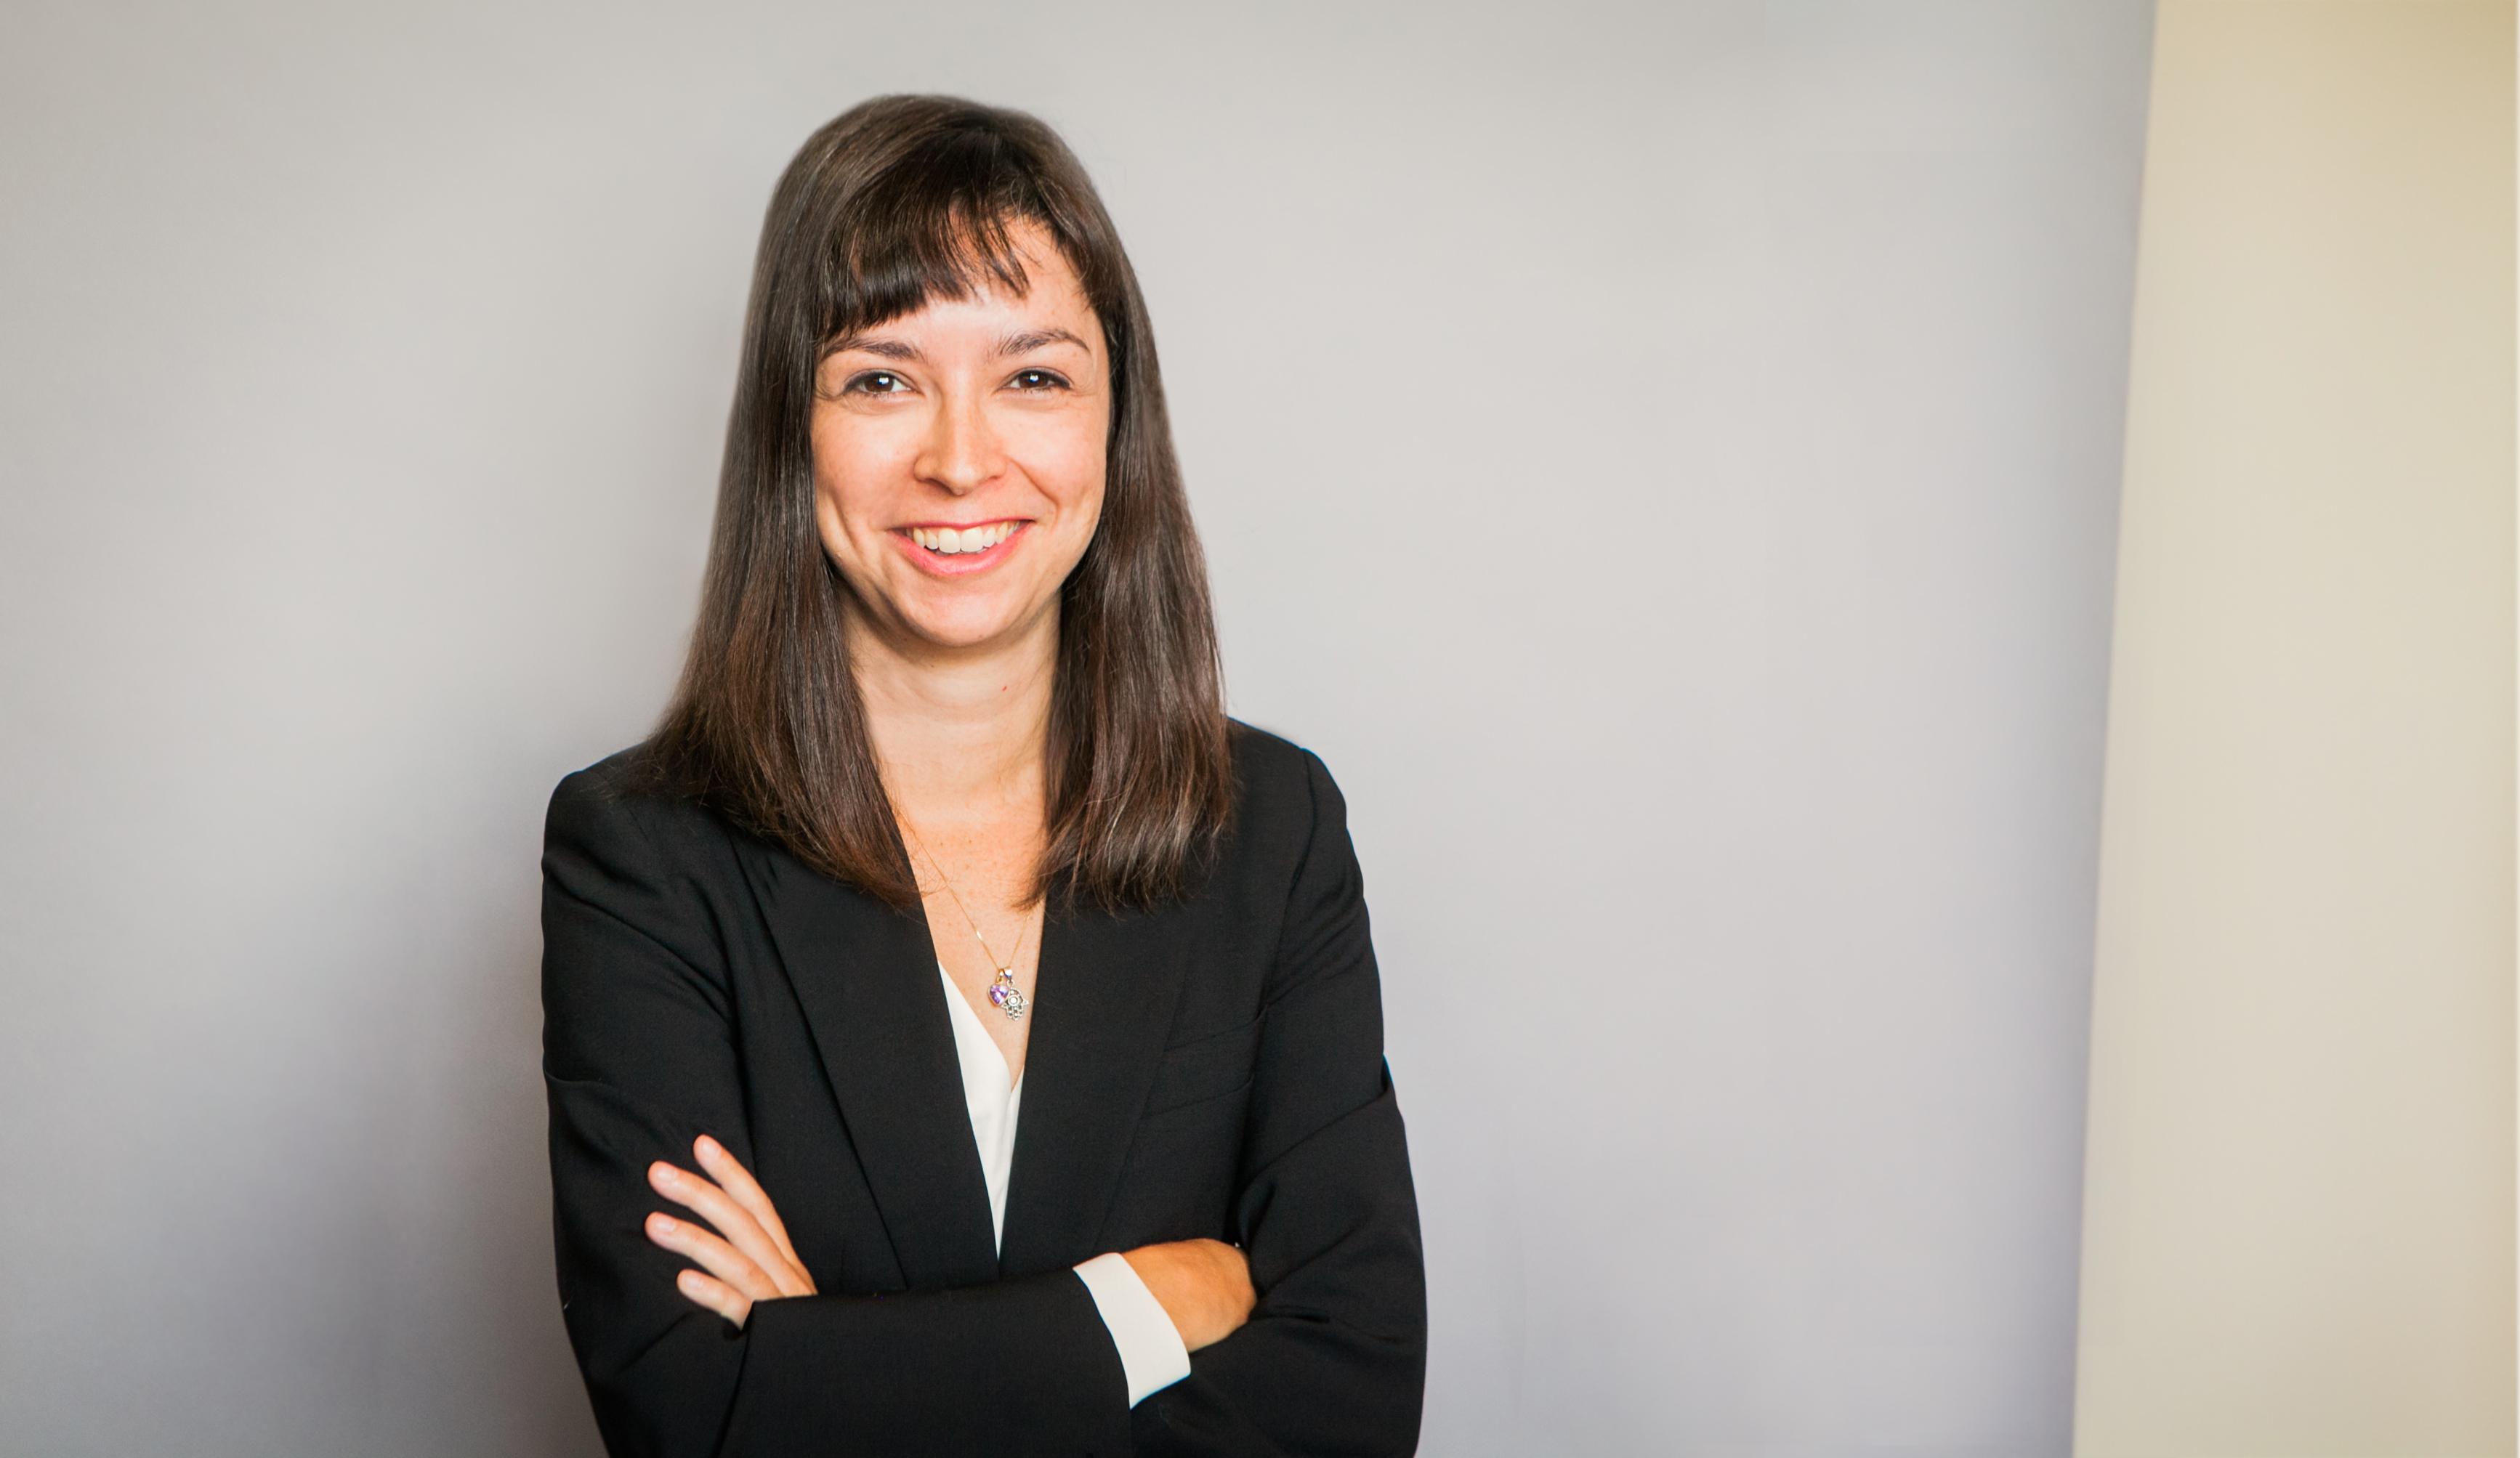 Deborah Guterman